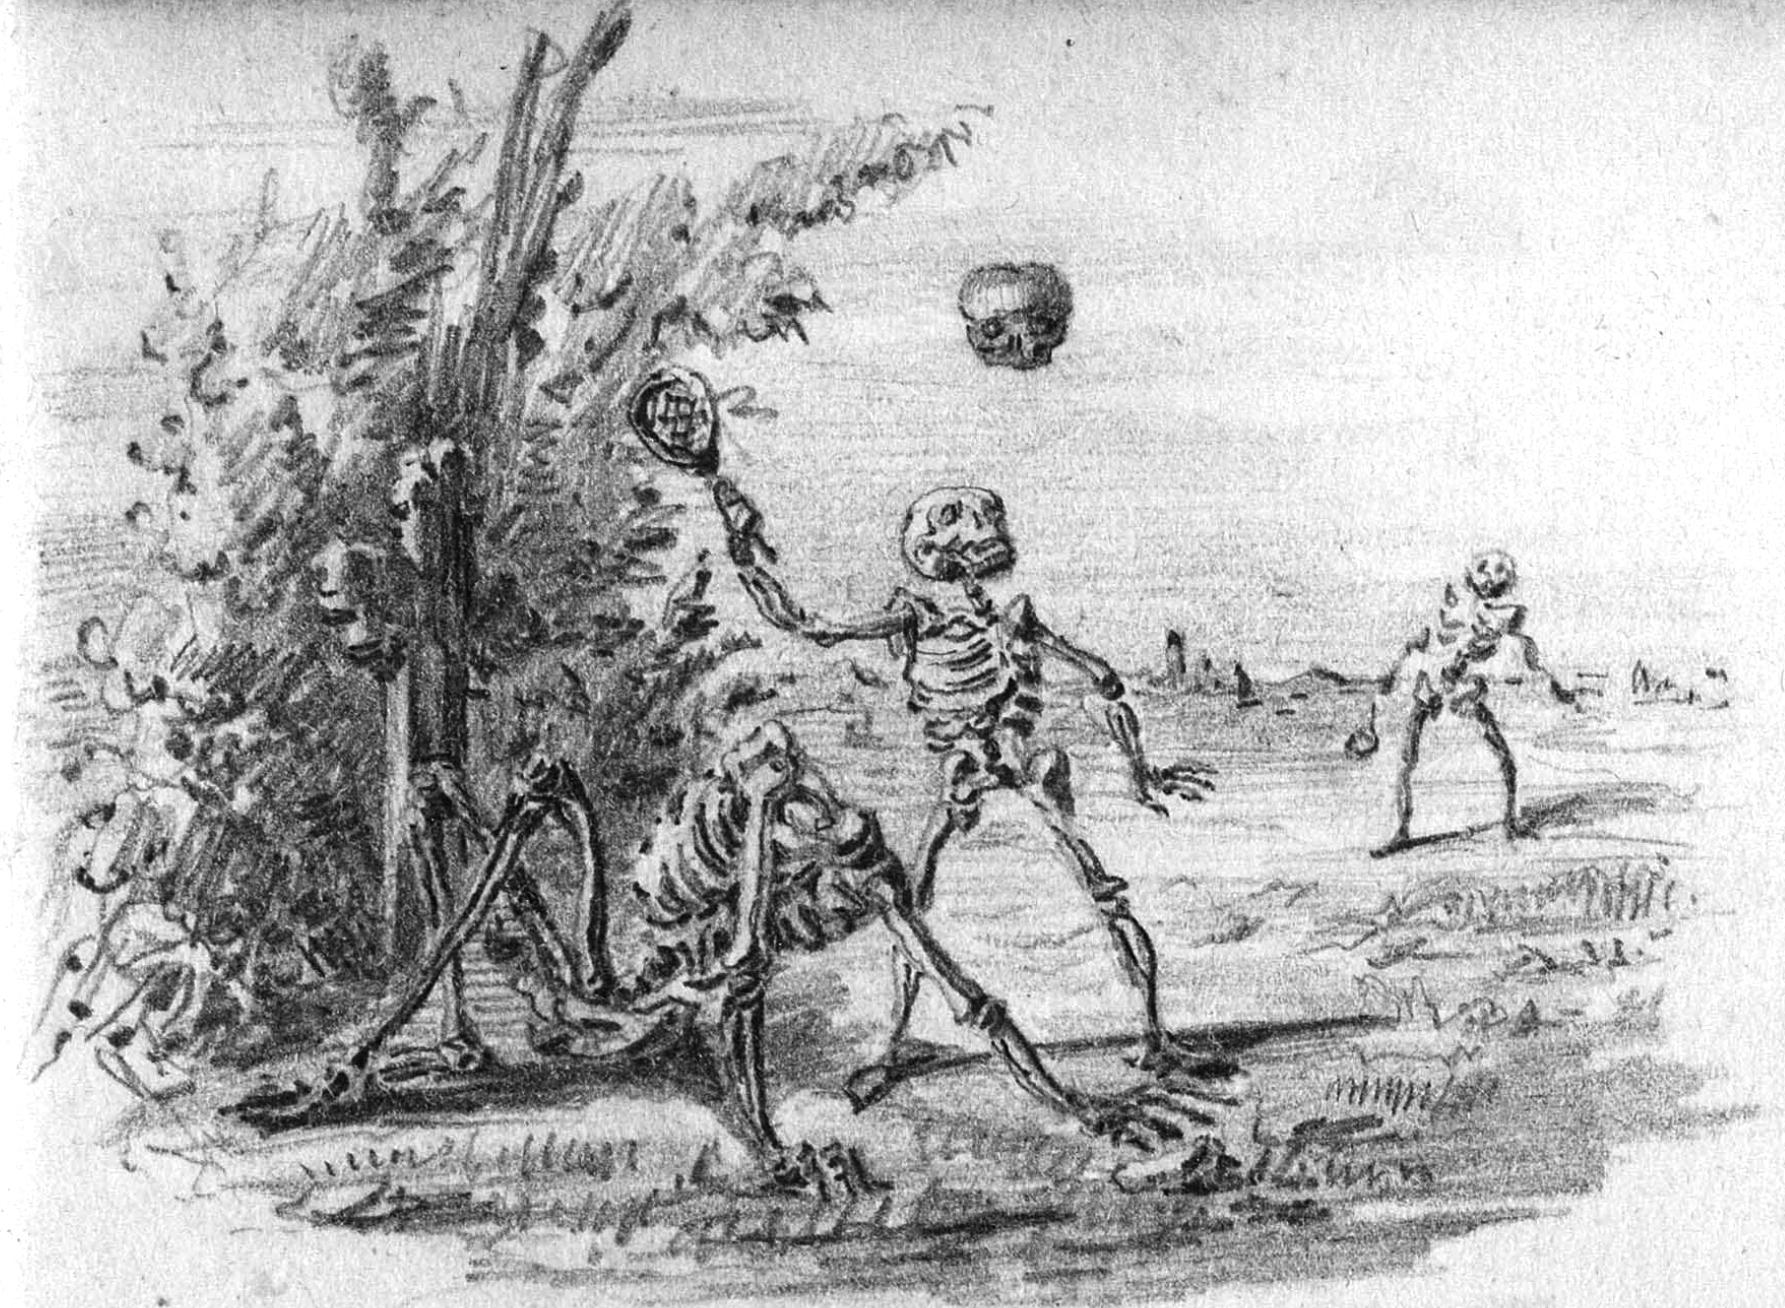 Uno de sus dibujos de la serie Les morts pour rire: Bizarreries.